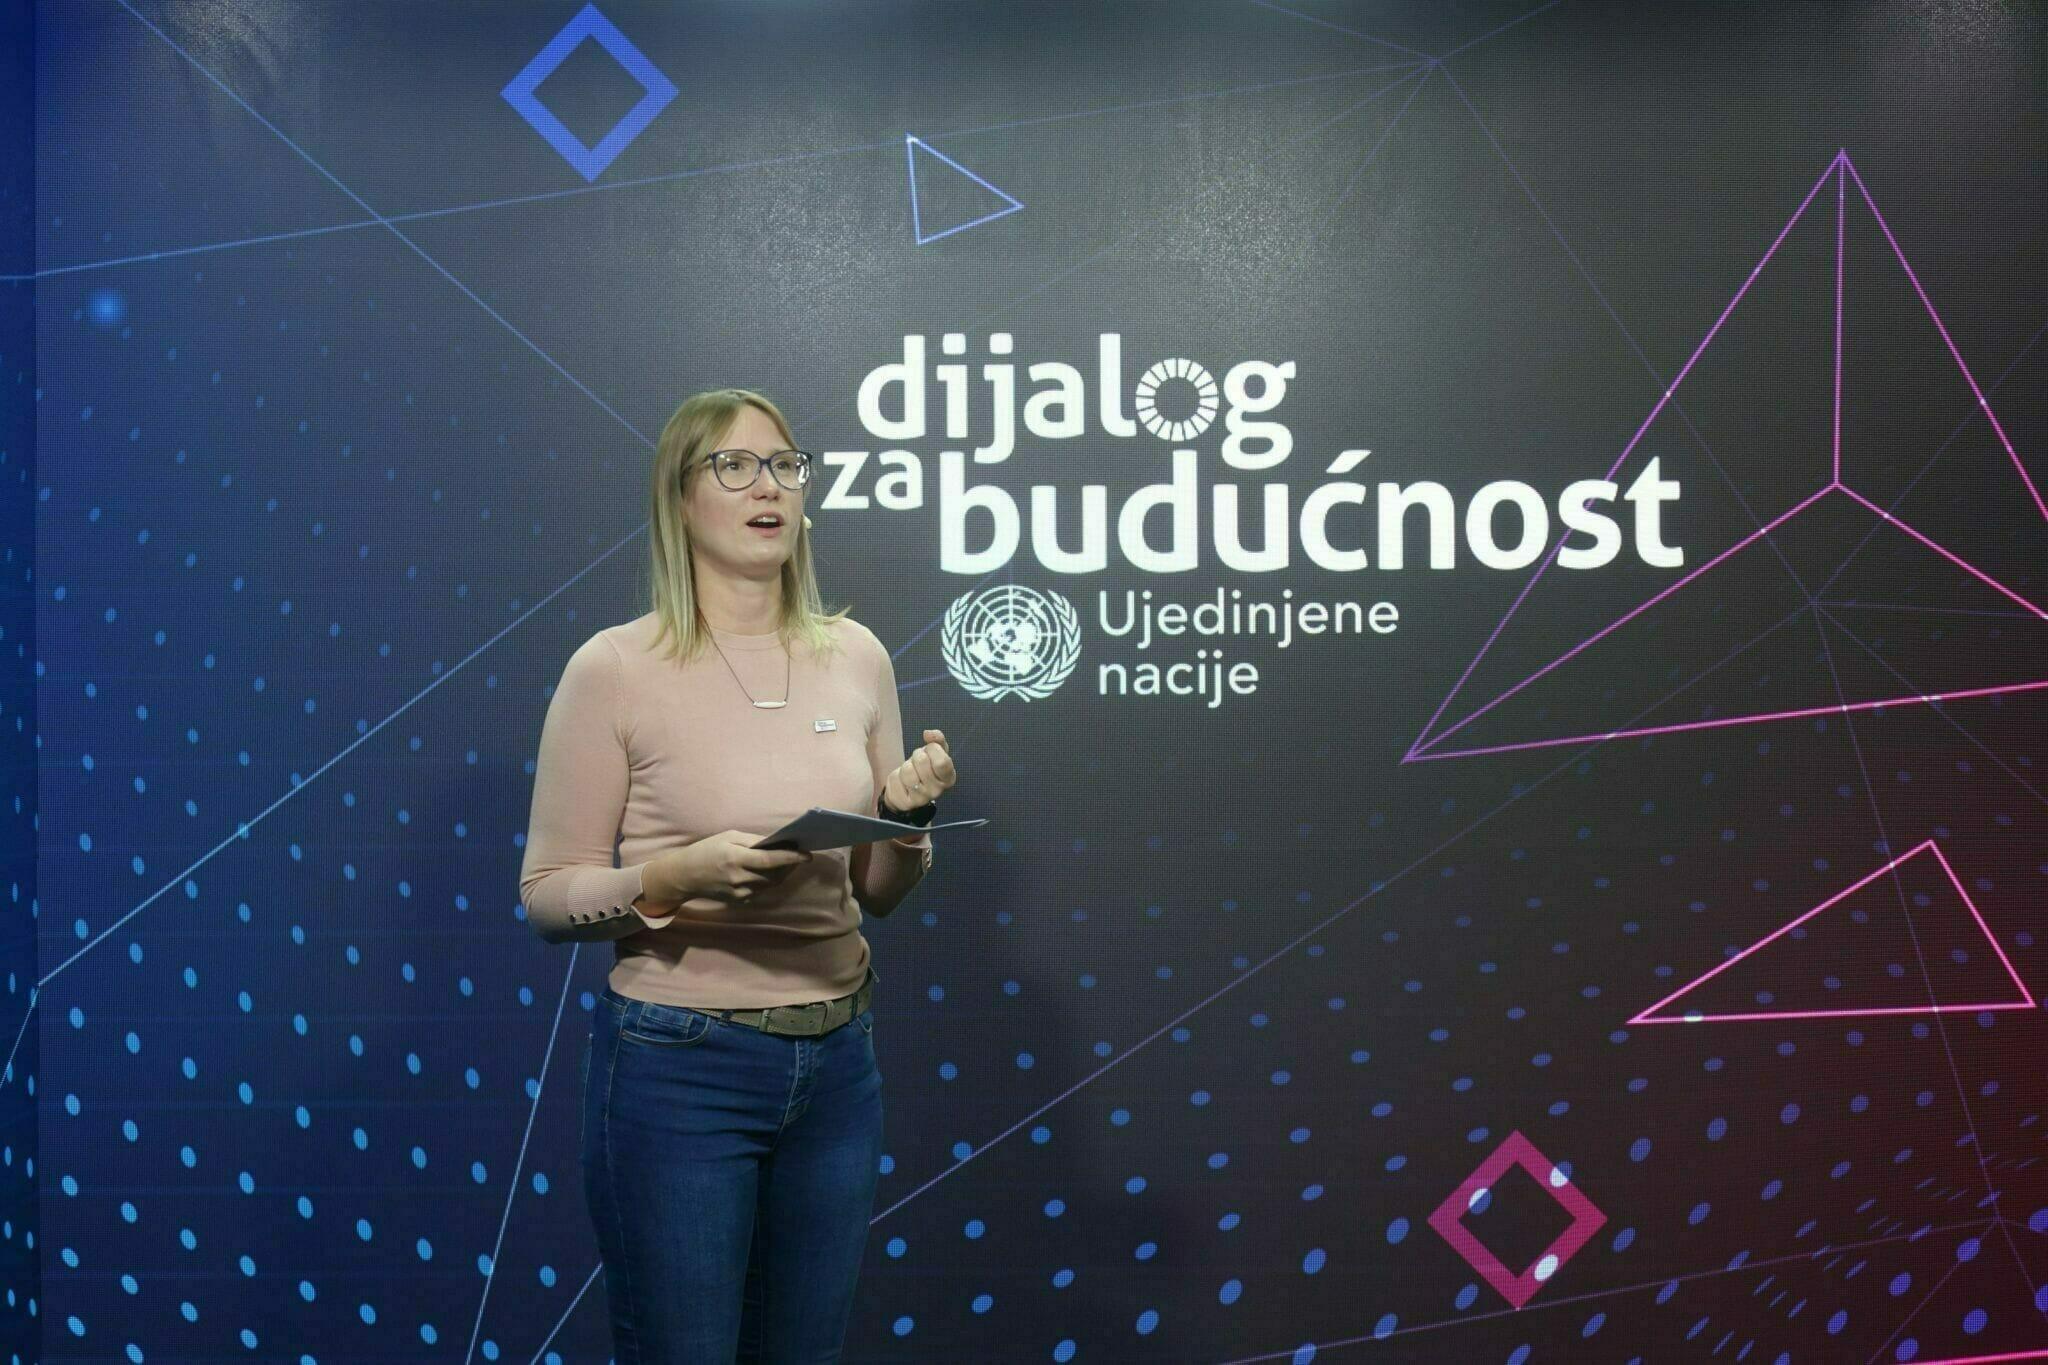 Dijalog za budućnost – deveti edukativni onlajn seminar: komunikacija i predstavljanje